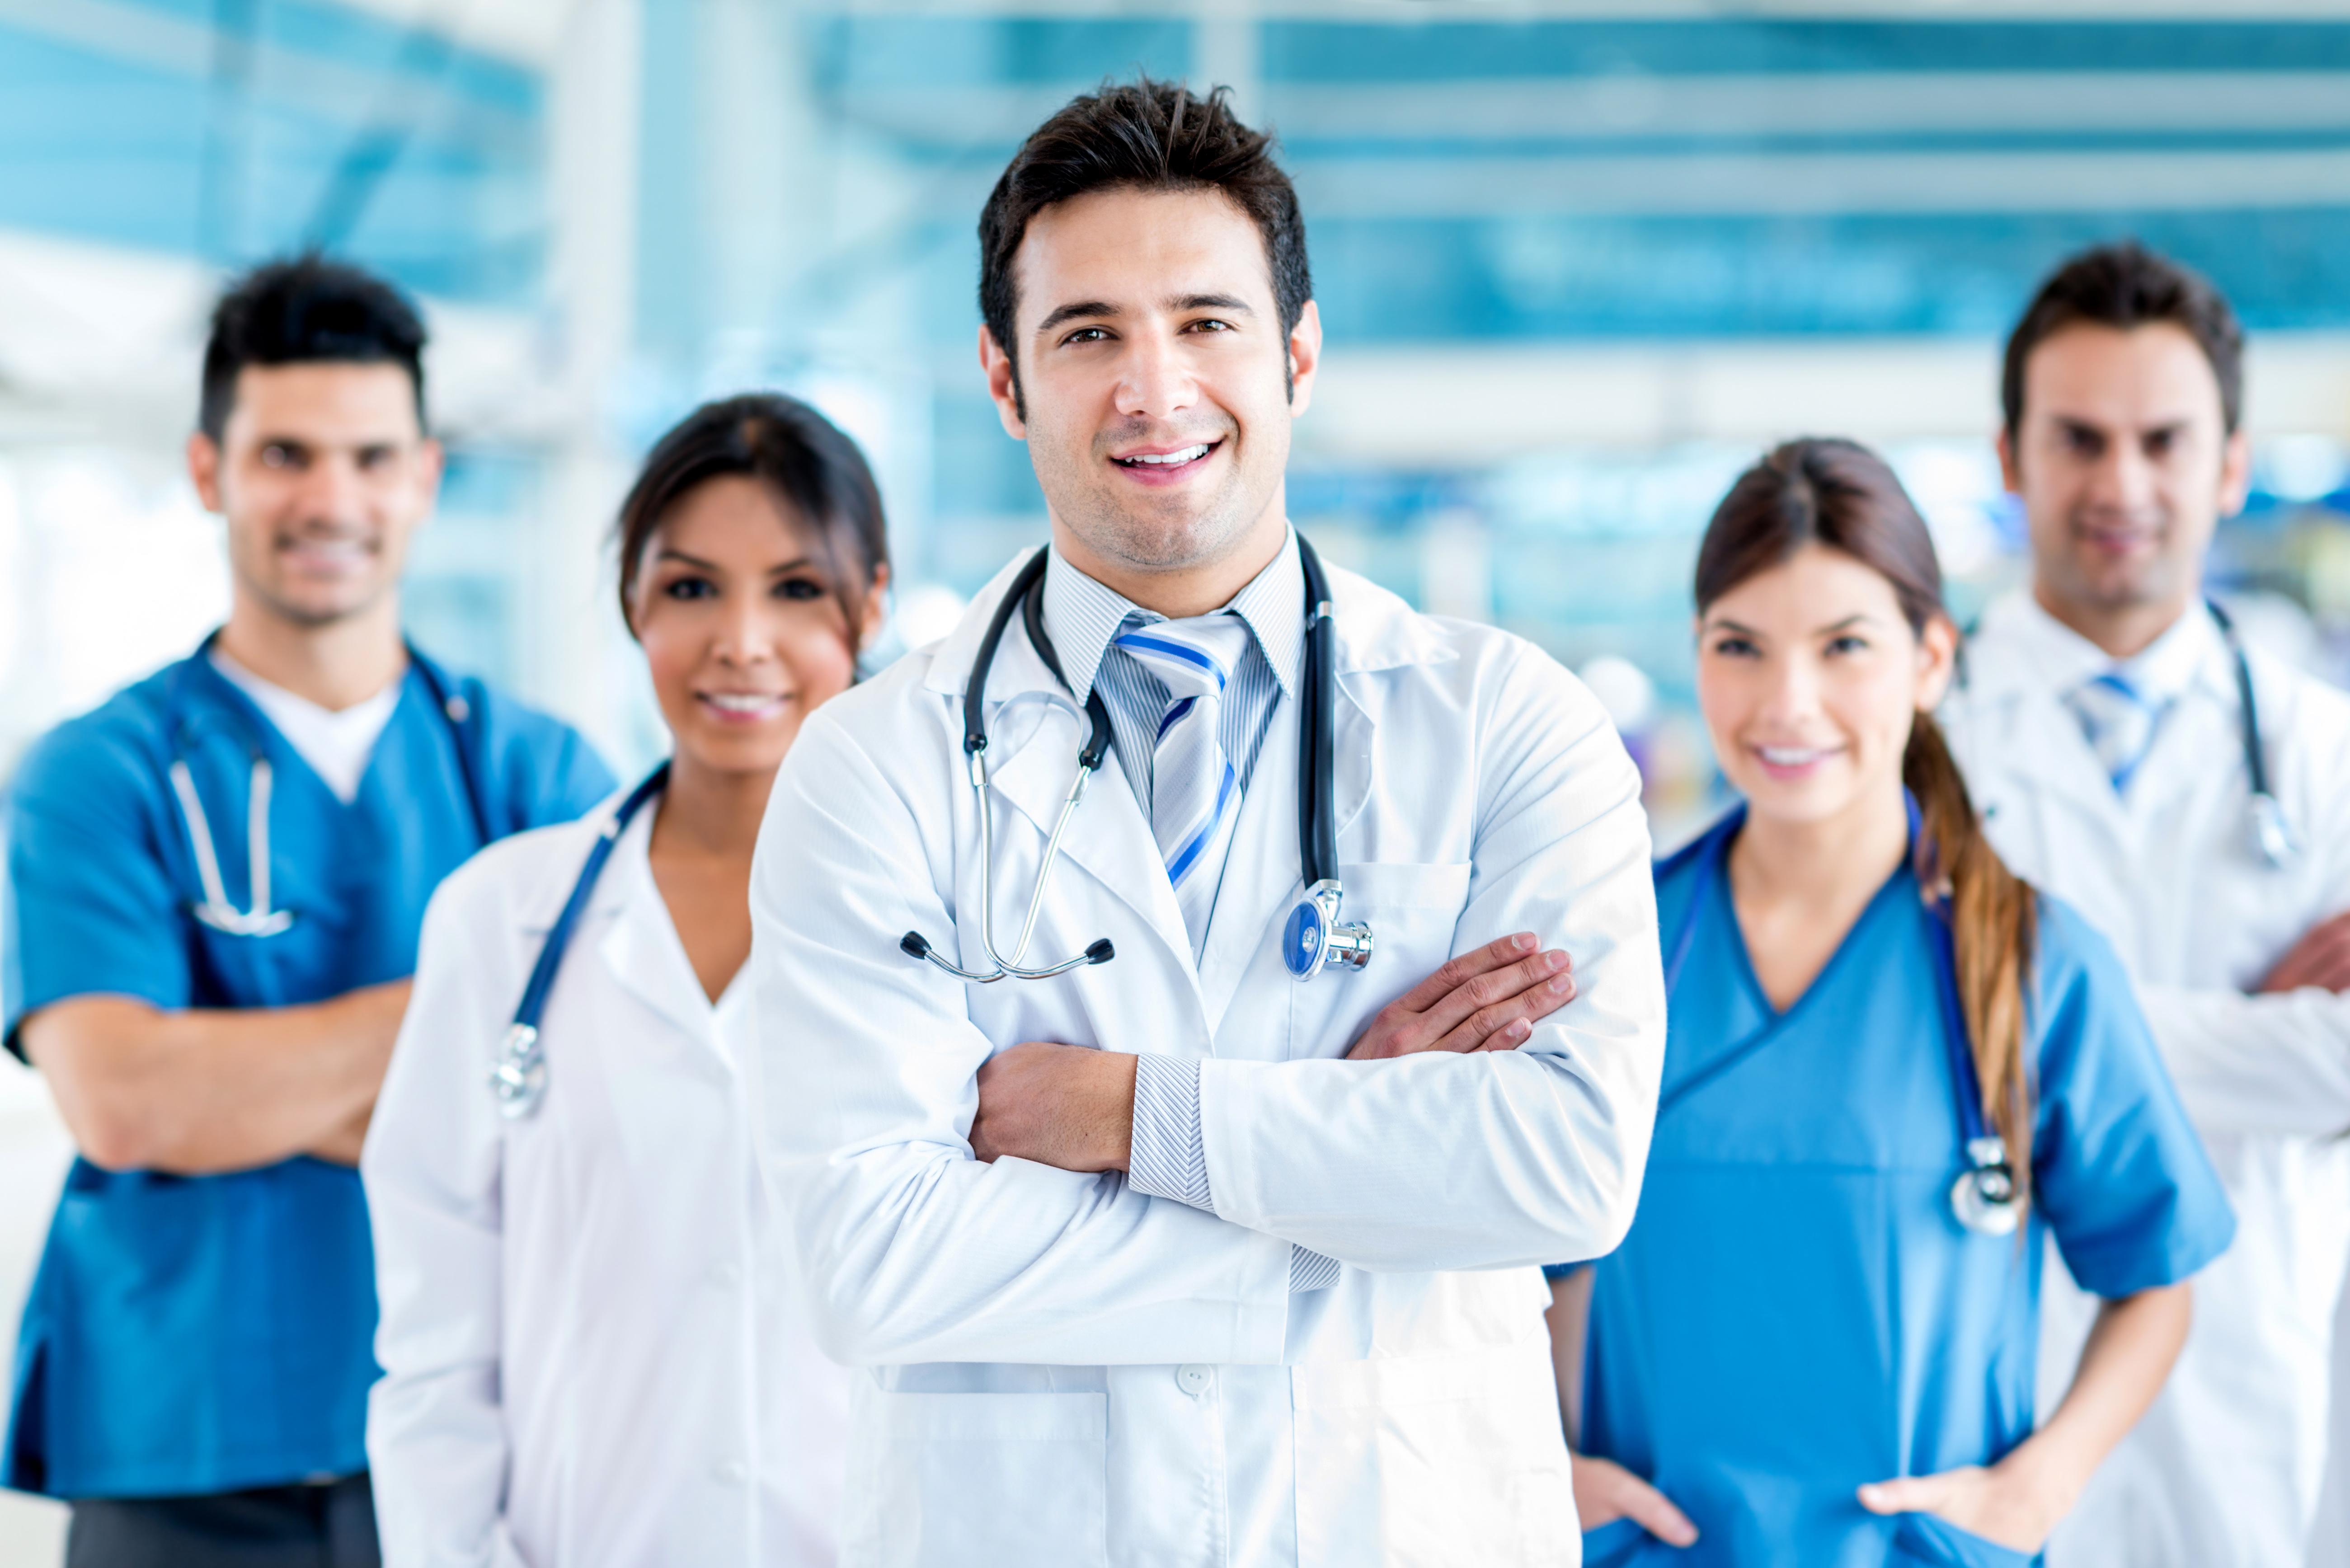 Програма покриття медичних витрат